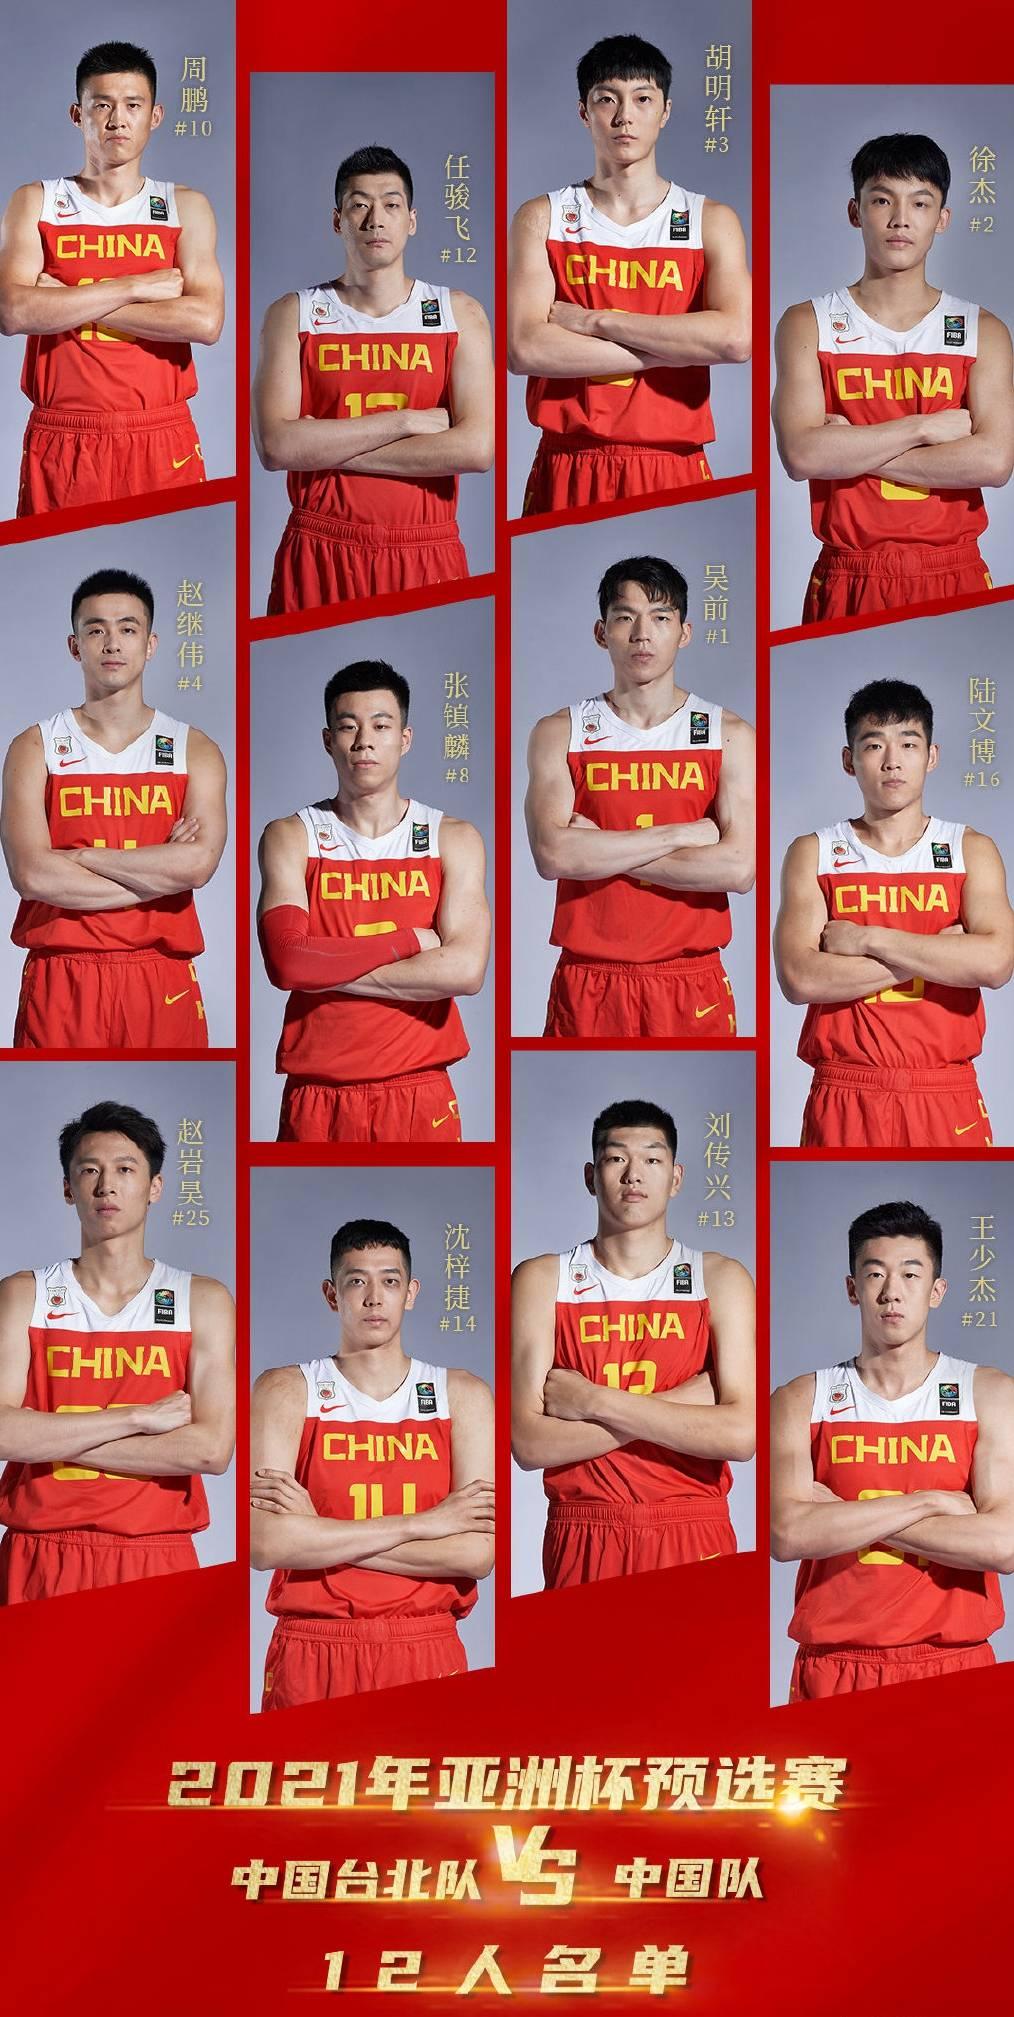 男篮战中国台北大名单稳定 沿用对阵日本时12人